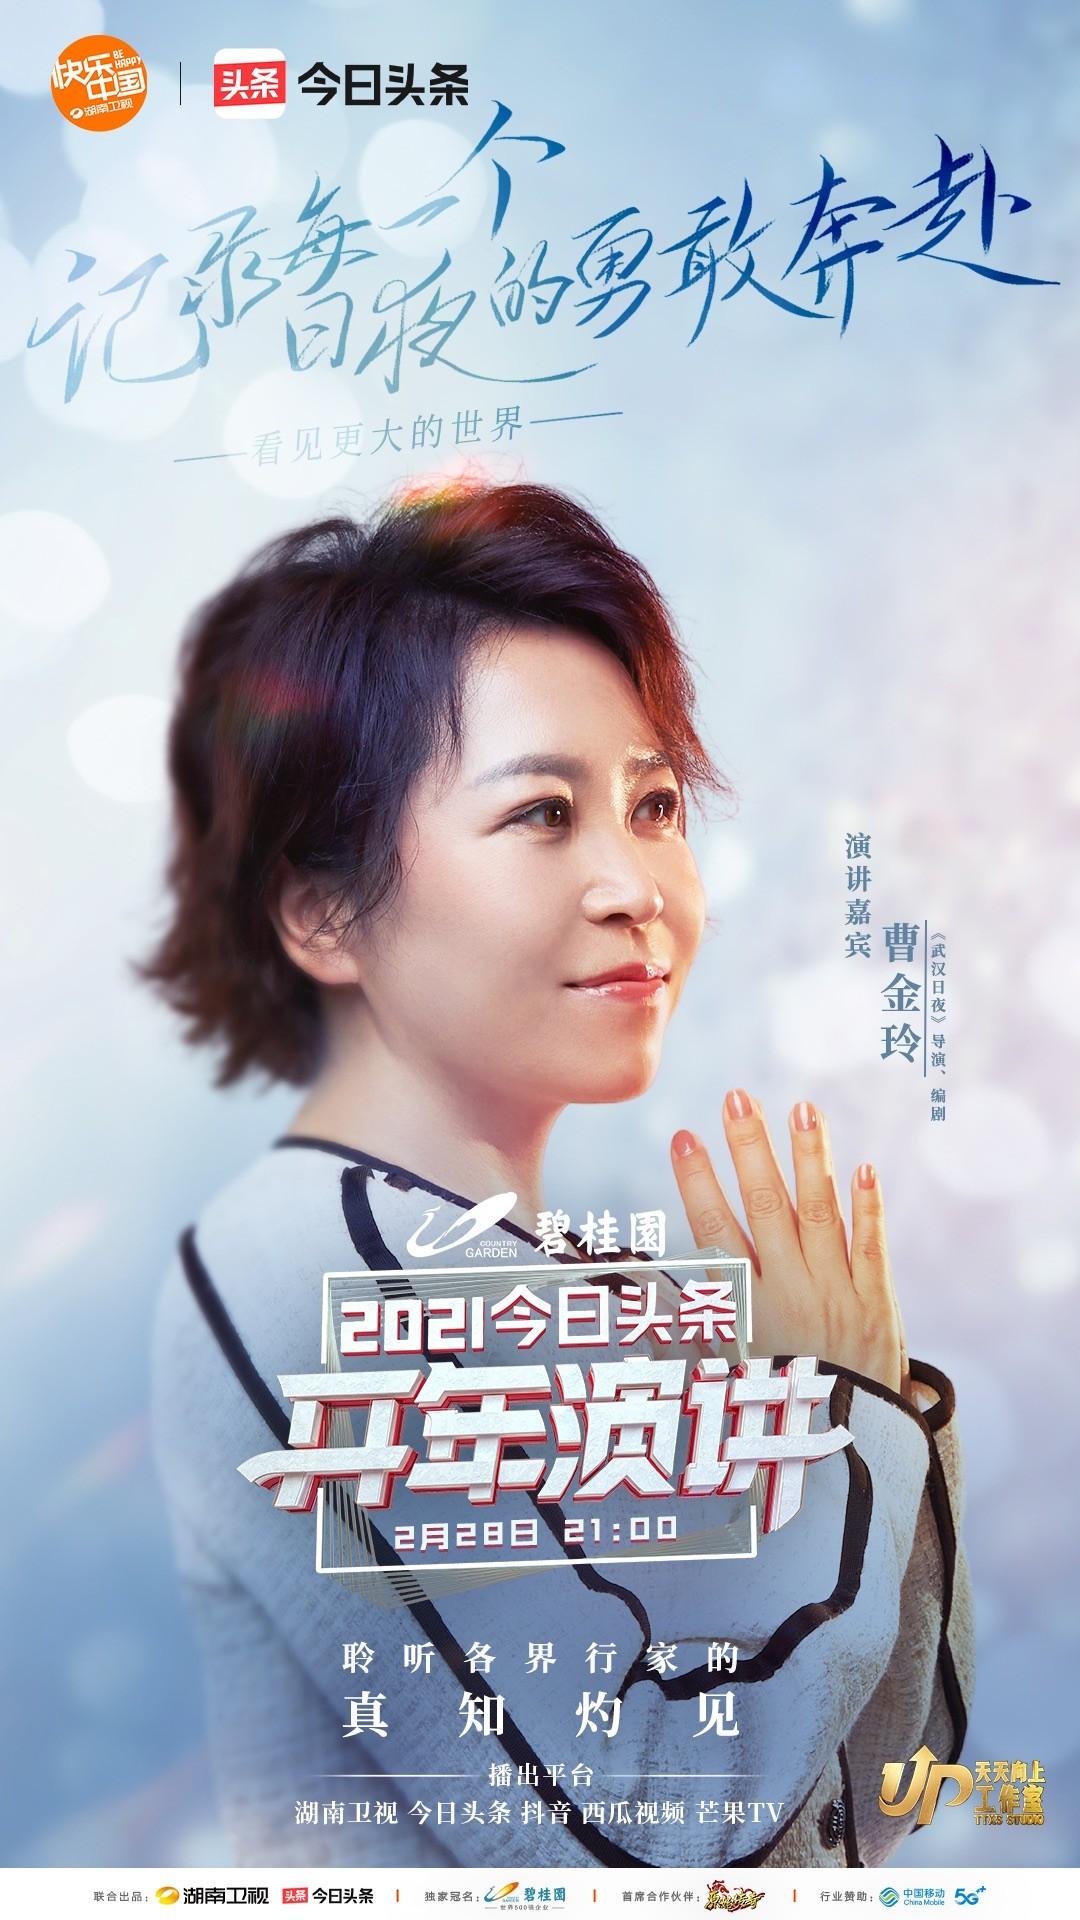 曹金玲-头条+快乐logo.jpg